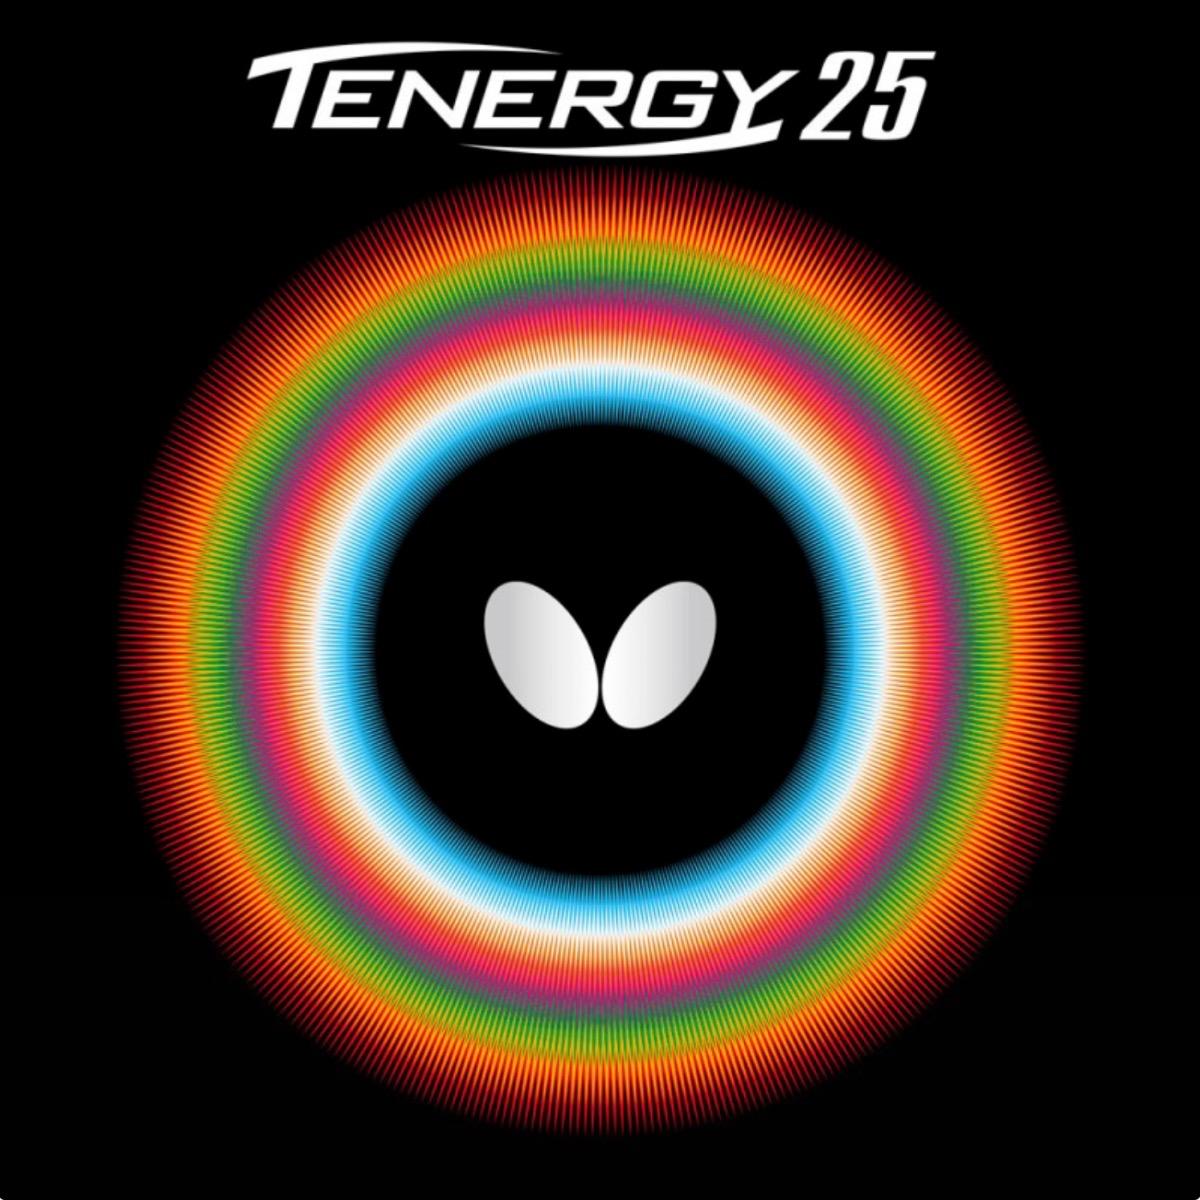 Butterfly Tenergy 25